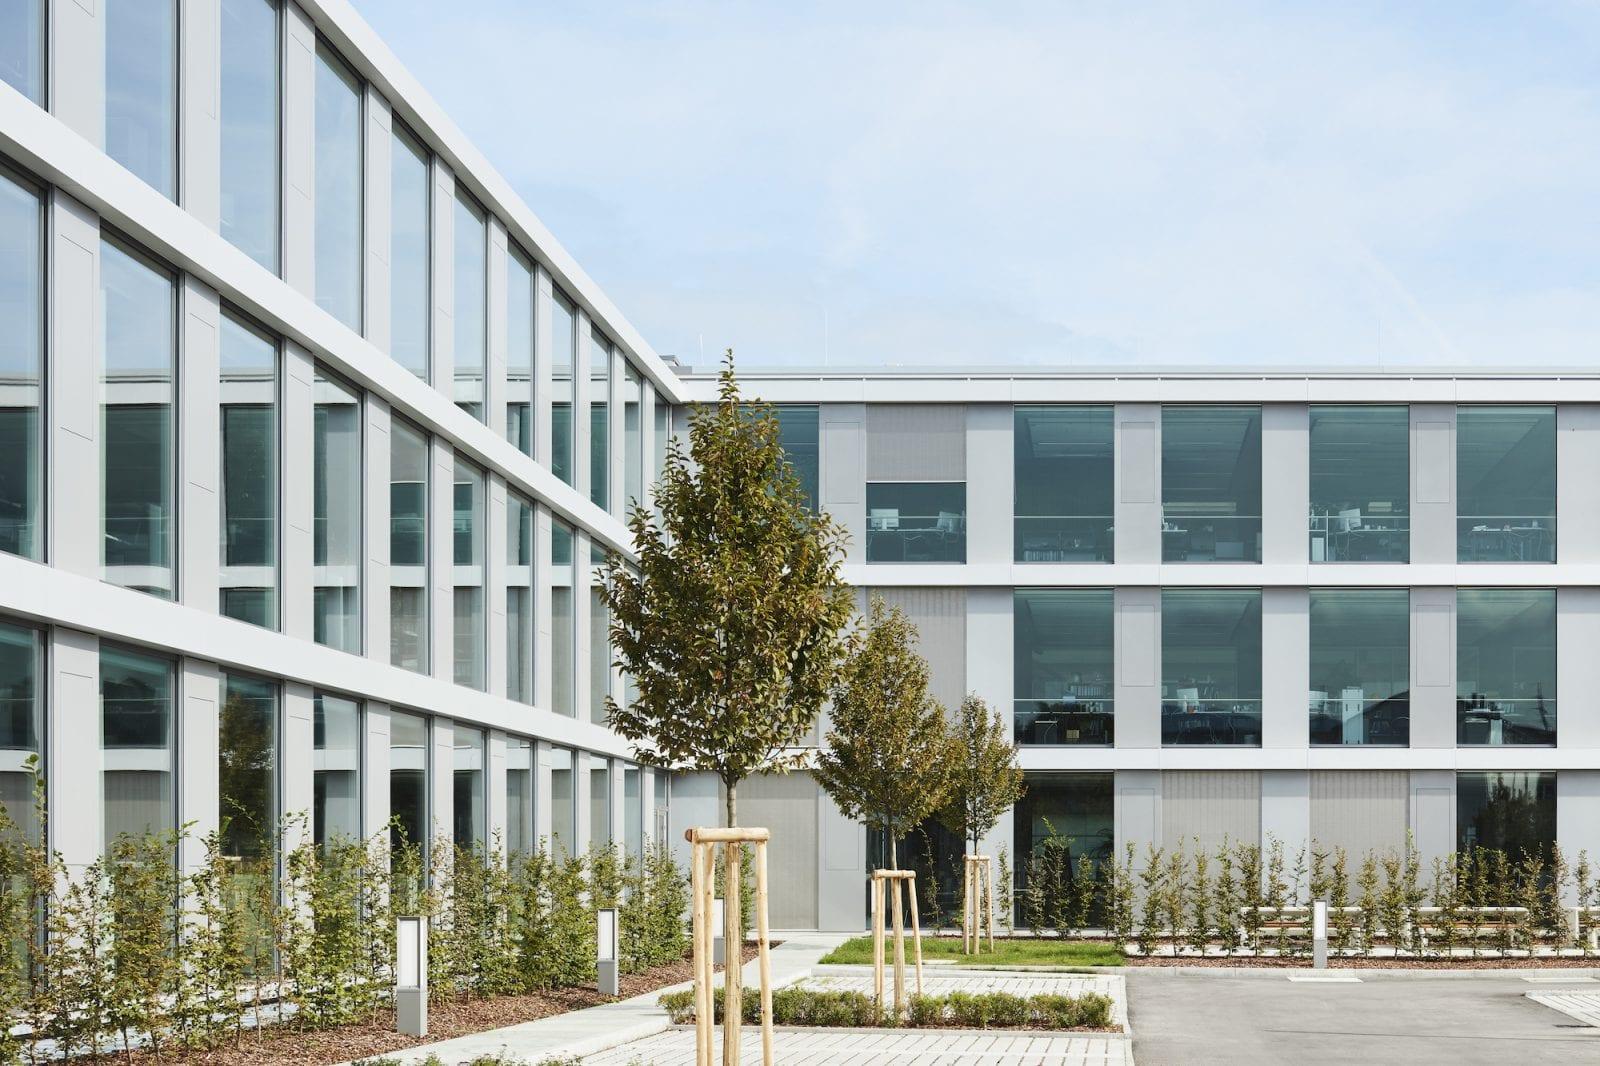 Erweiterungs- und Bestandsbau der EMAG in Salach (Foto: Dietmar Strauss)